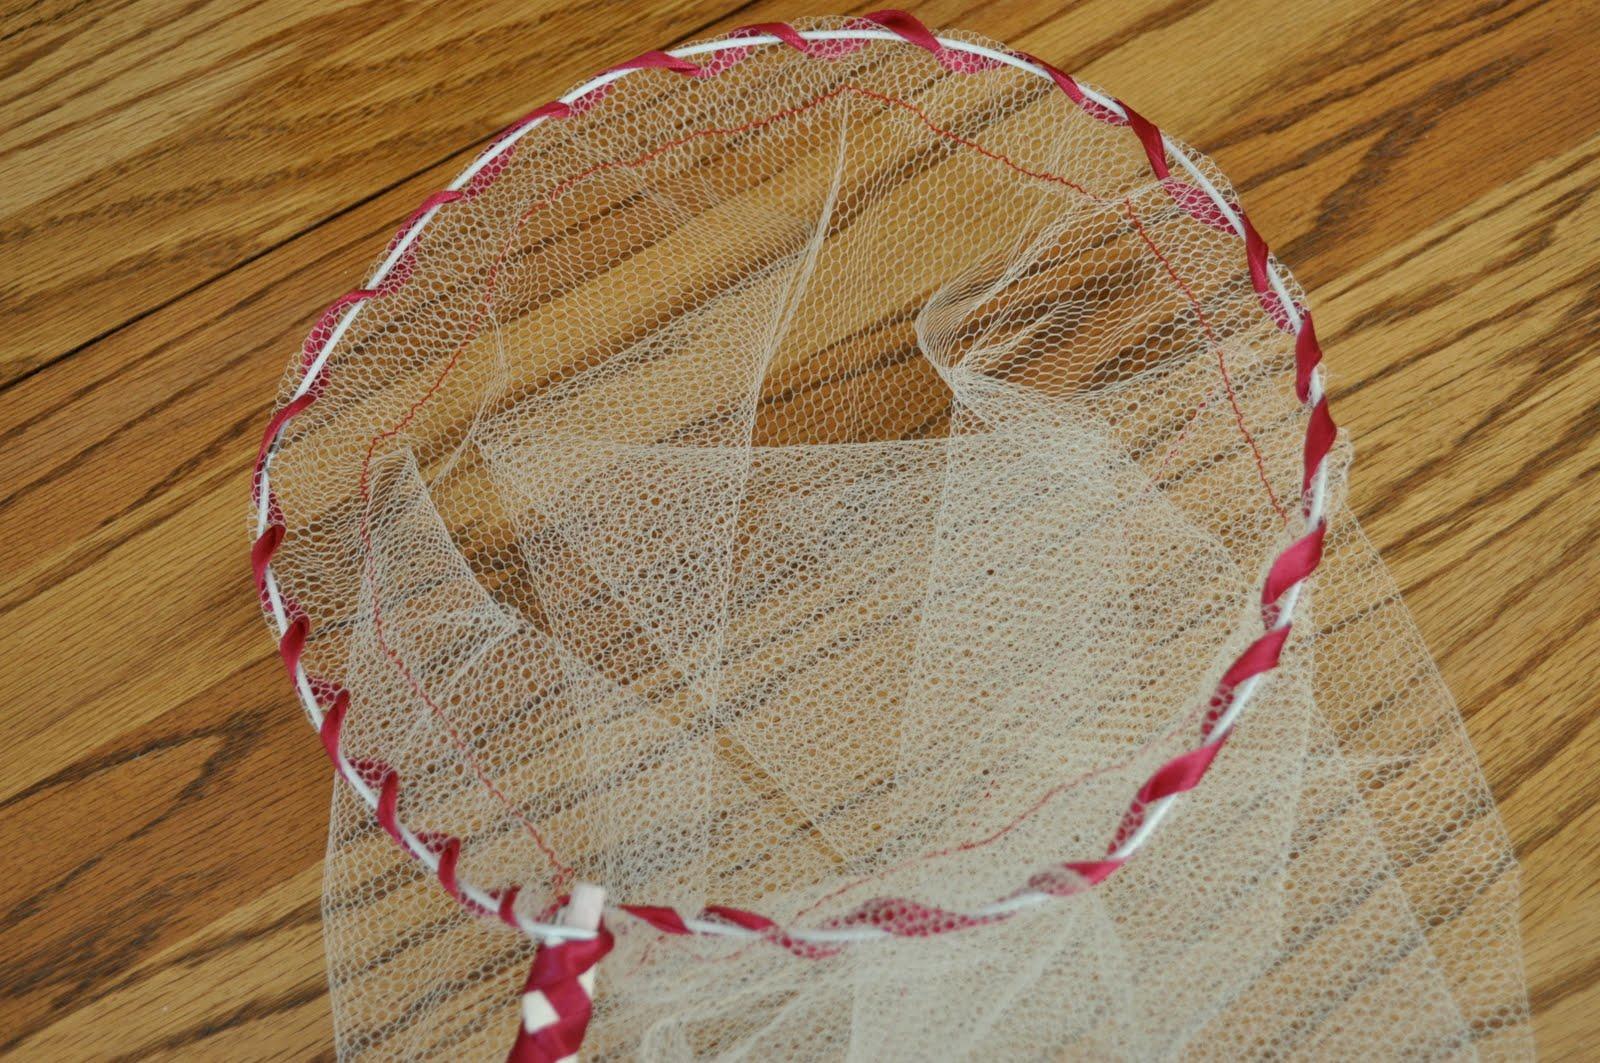 Homemade Butterfly Net From Little Birdie Secrets Skip